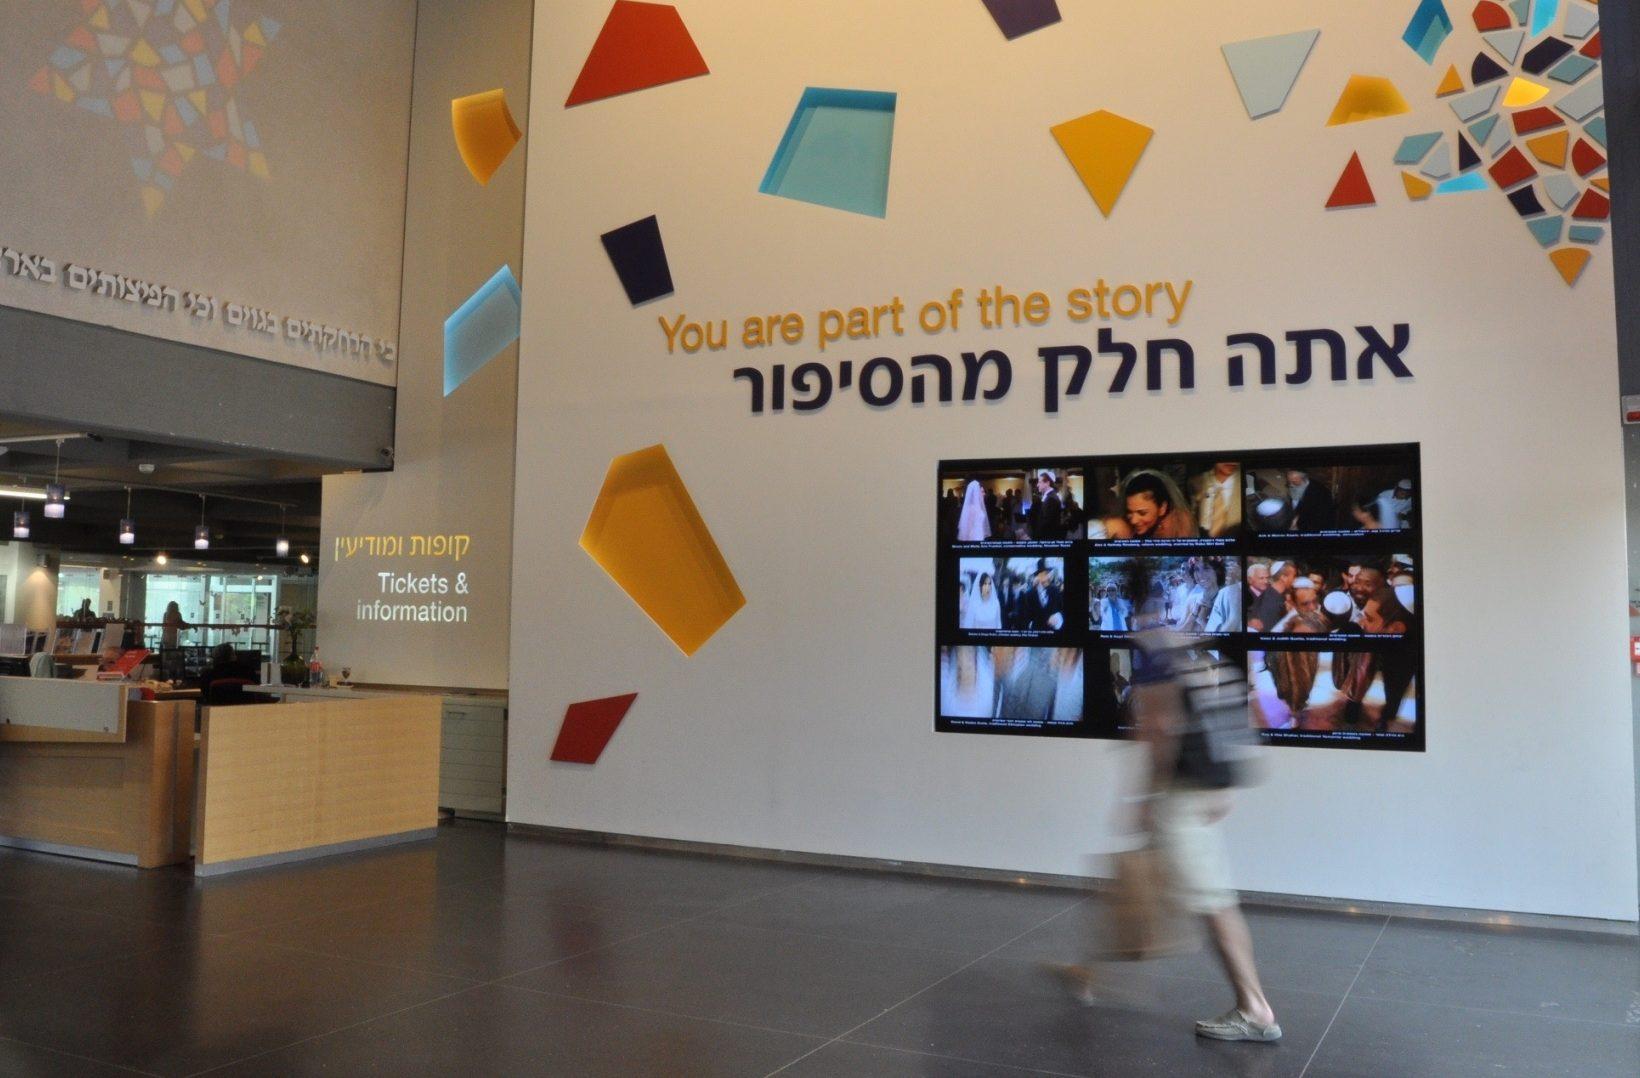 beit-hatfutot-entrance-lobby